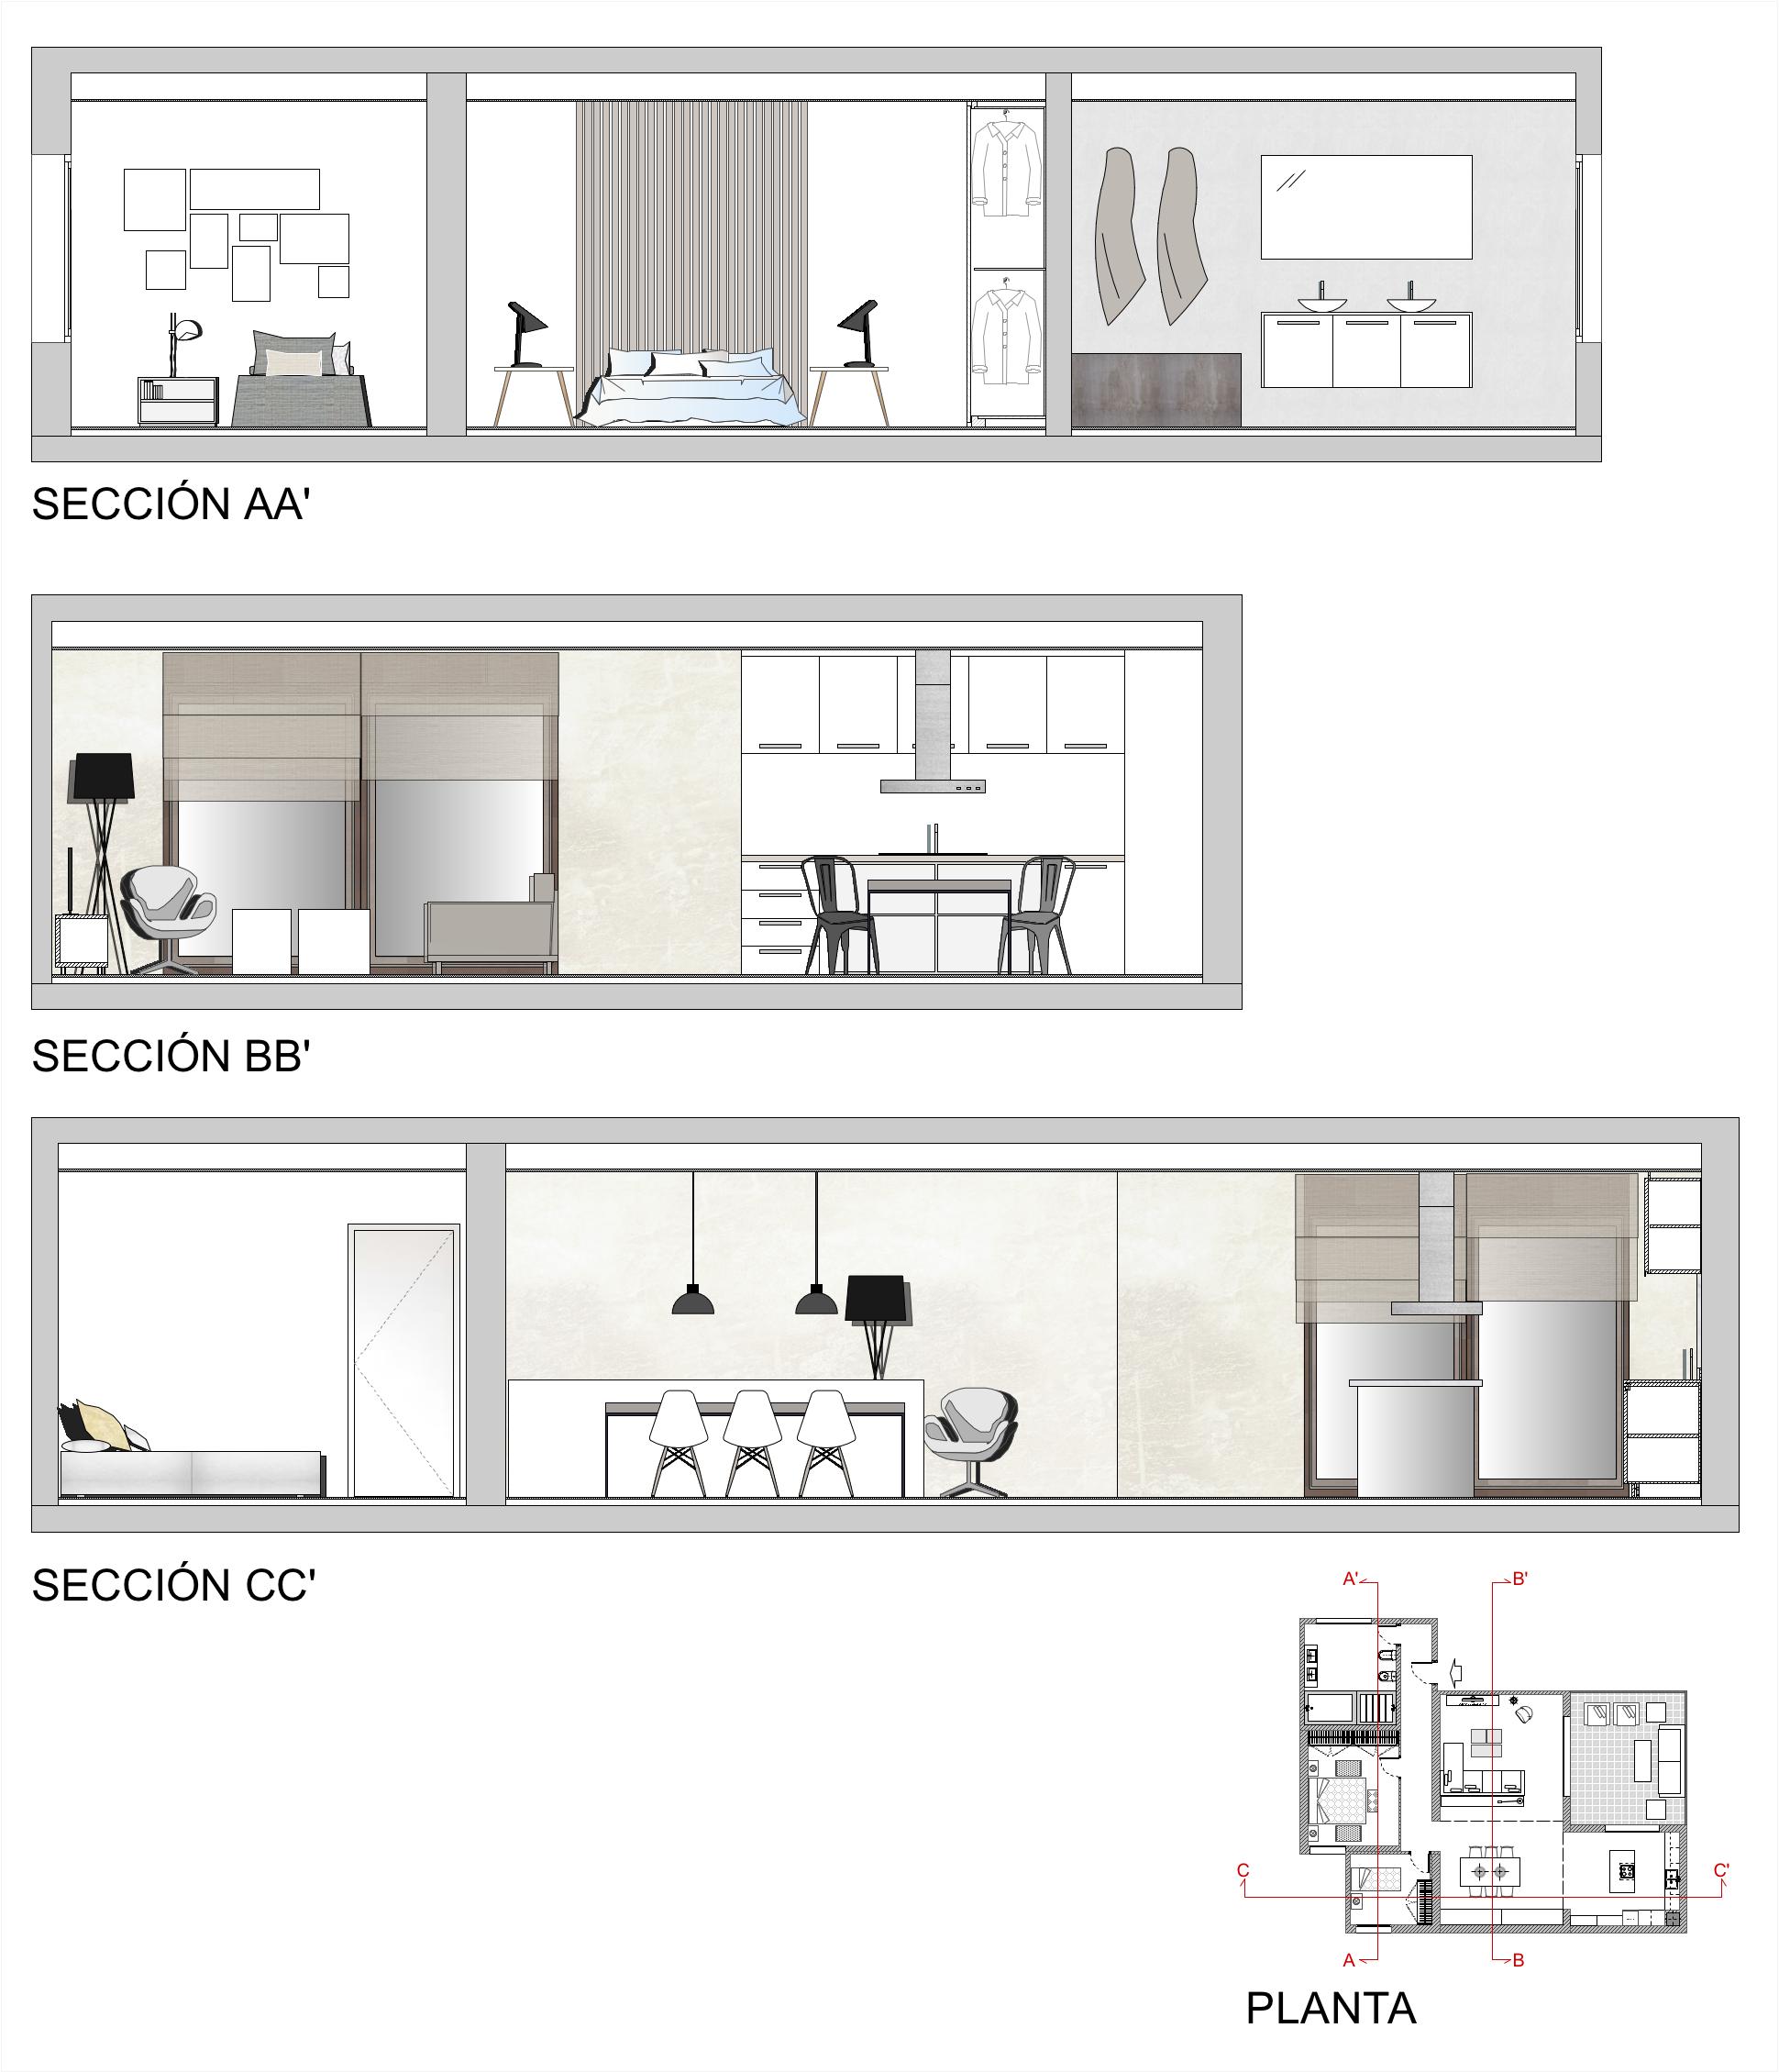 Planos De Secciones De Una Vivienda Planos Plano De Detalle Planos Arquitectonicos Planos